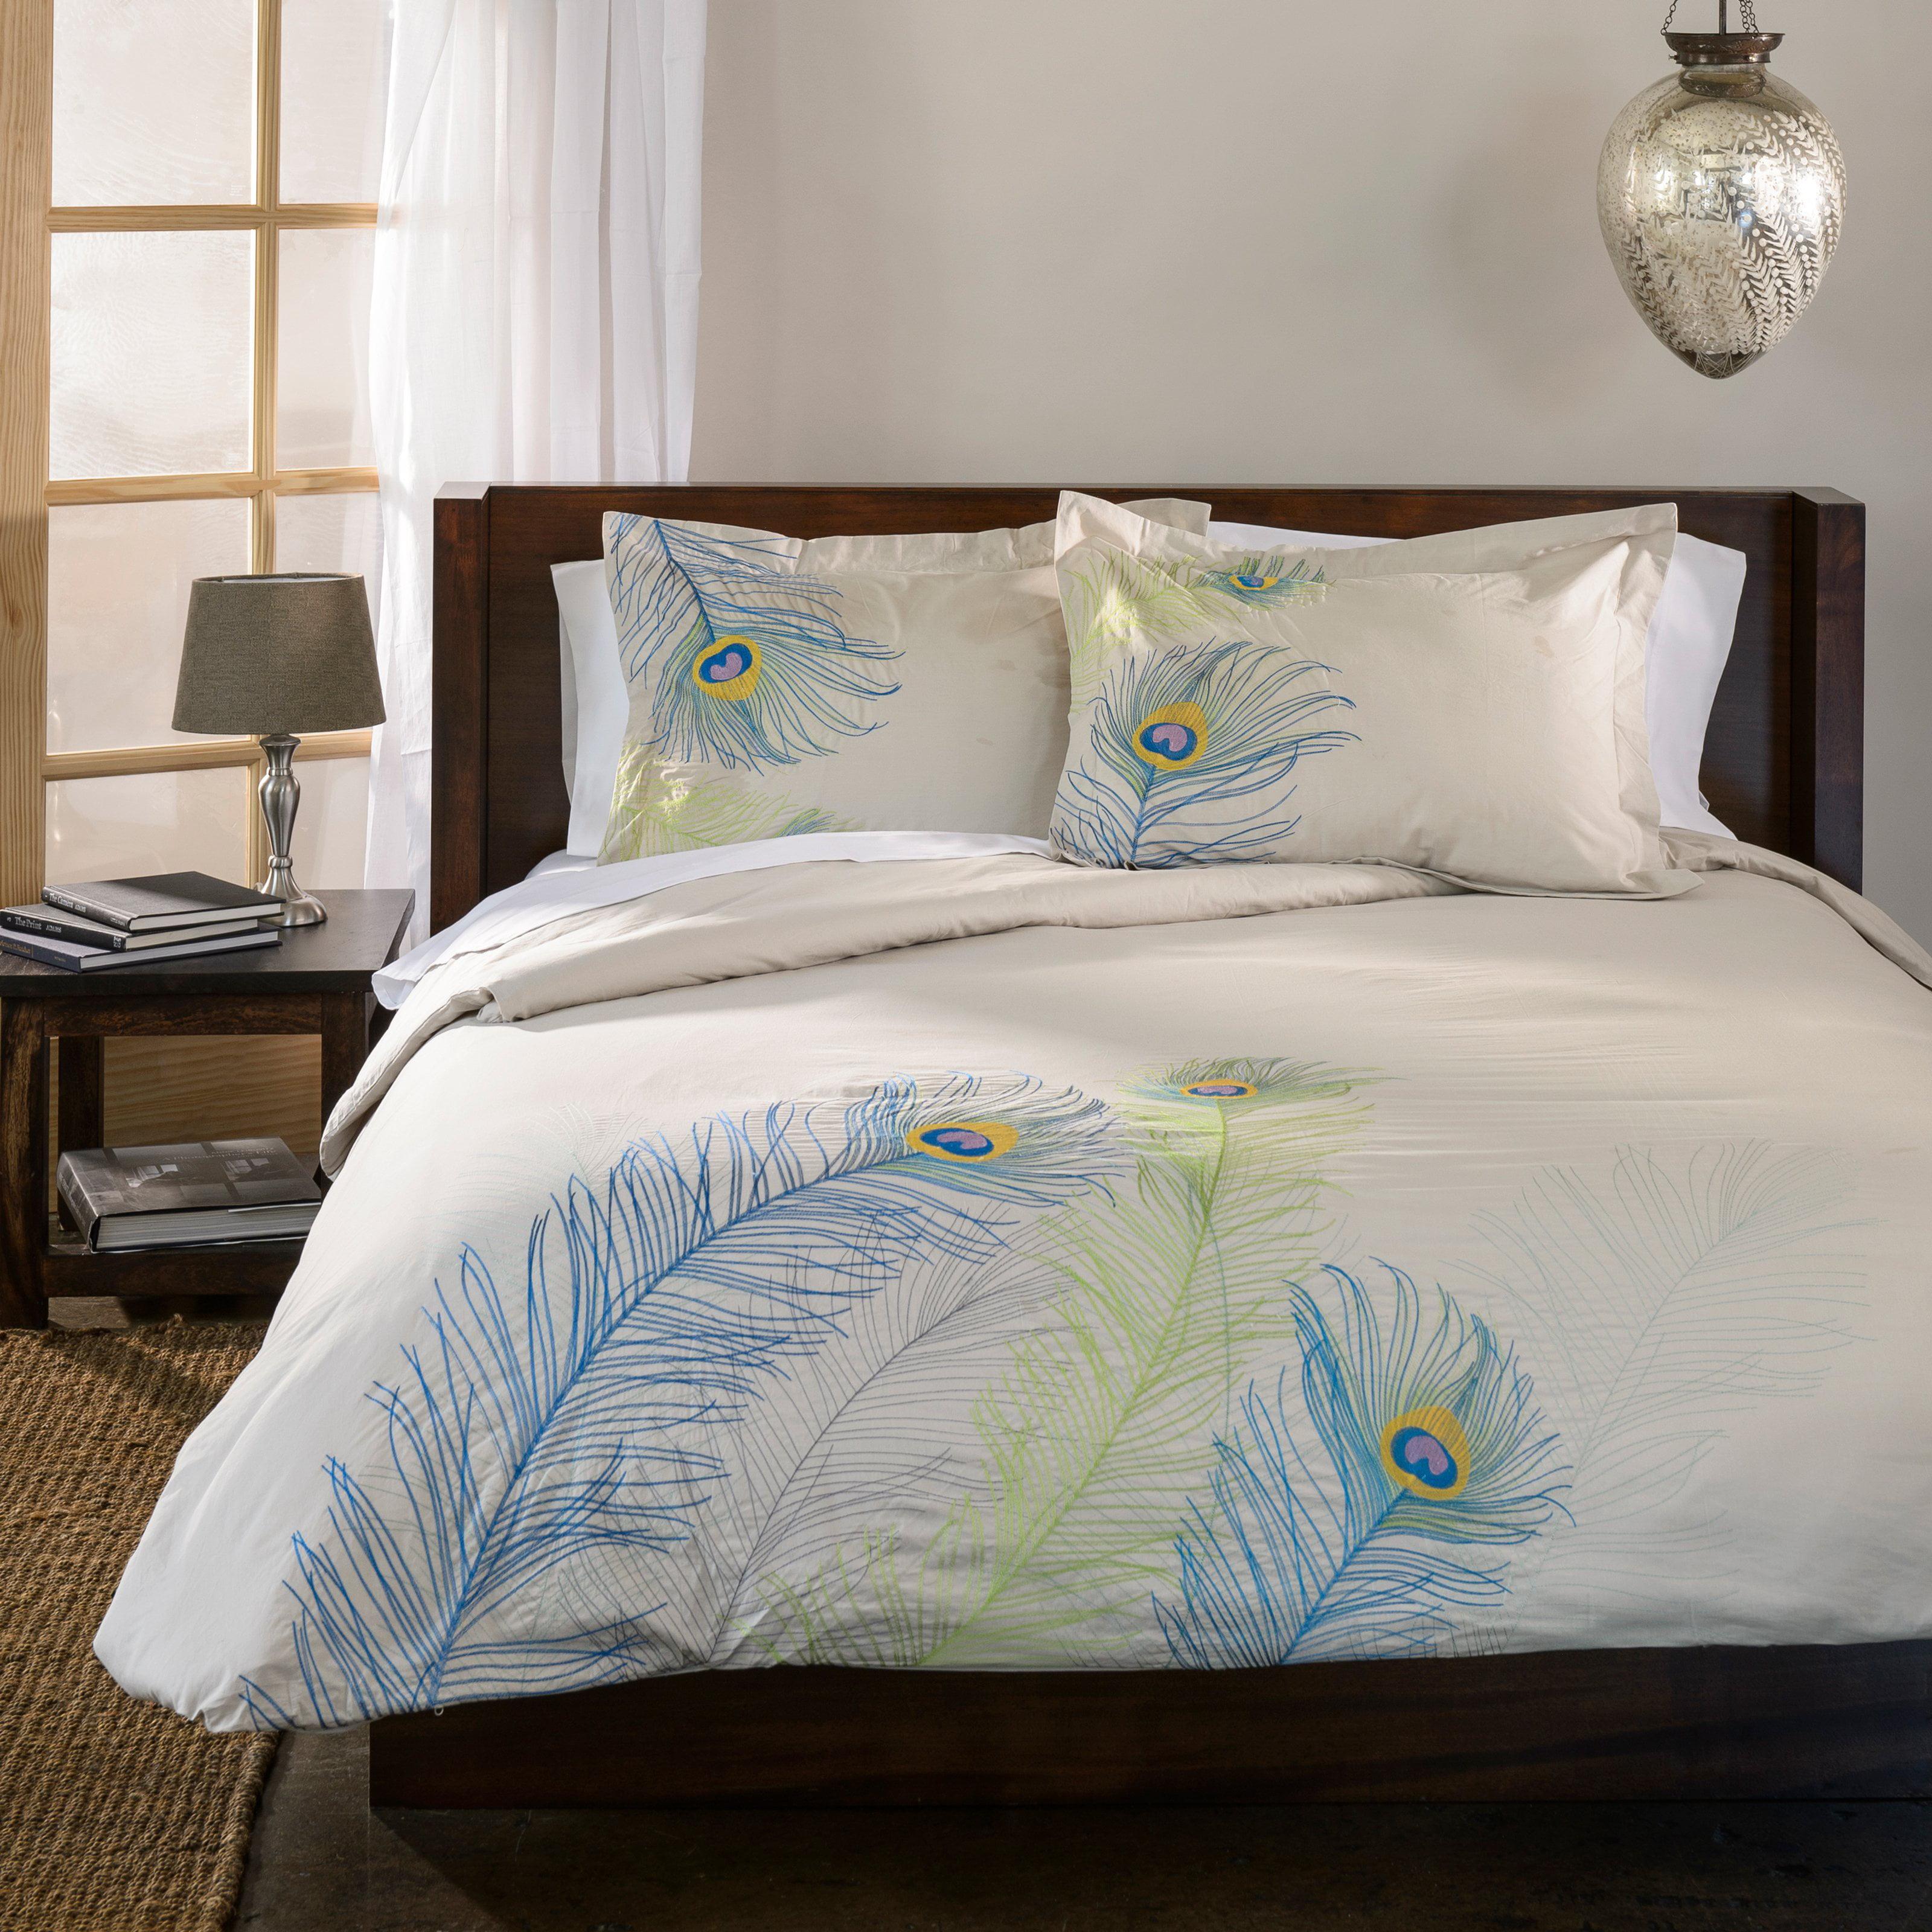 Peacock bedroom set - Mainstays Botanical Leaf Bed In A Bag Coordinated Bedding Set Walmart Com